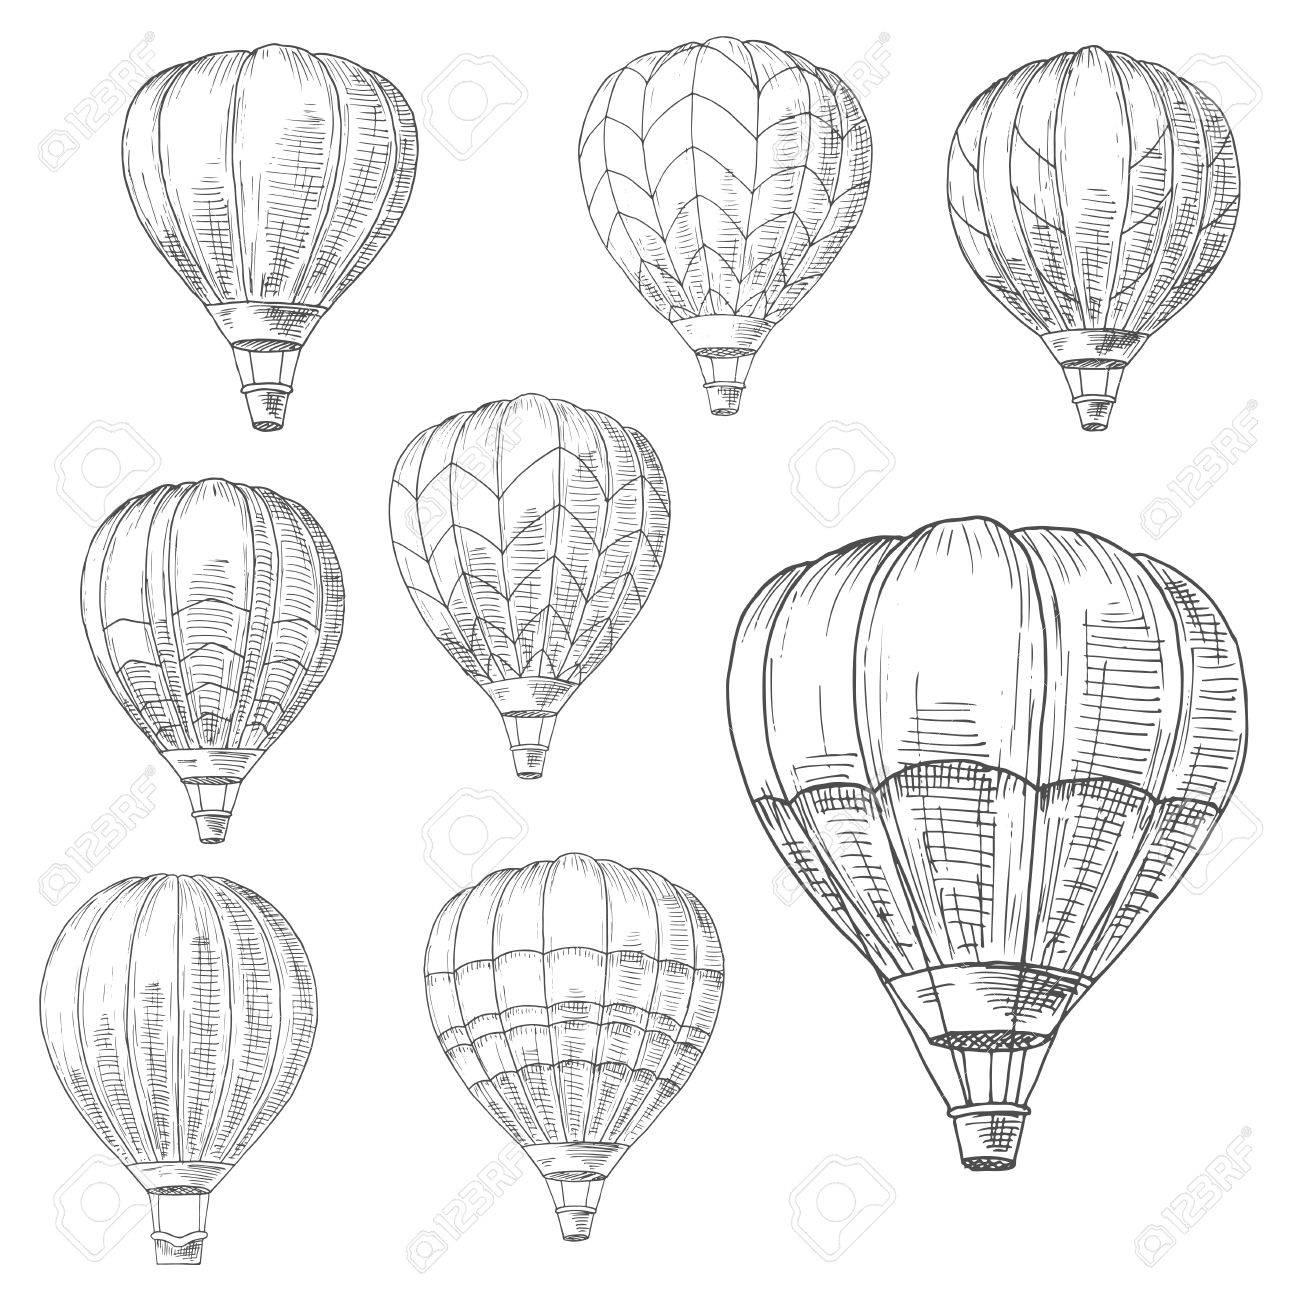 Heißluftballons Im Flug Mit Dekorativen Invertierten Tropfenförmigen ...